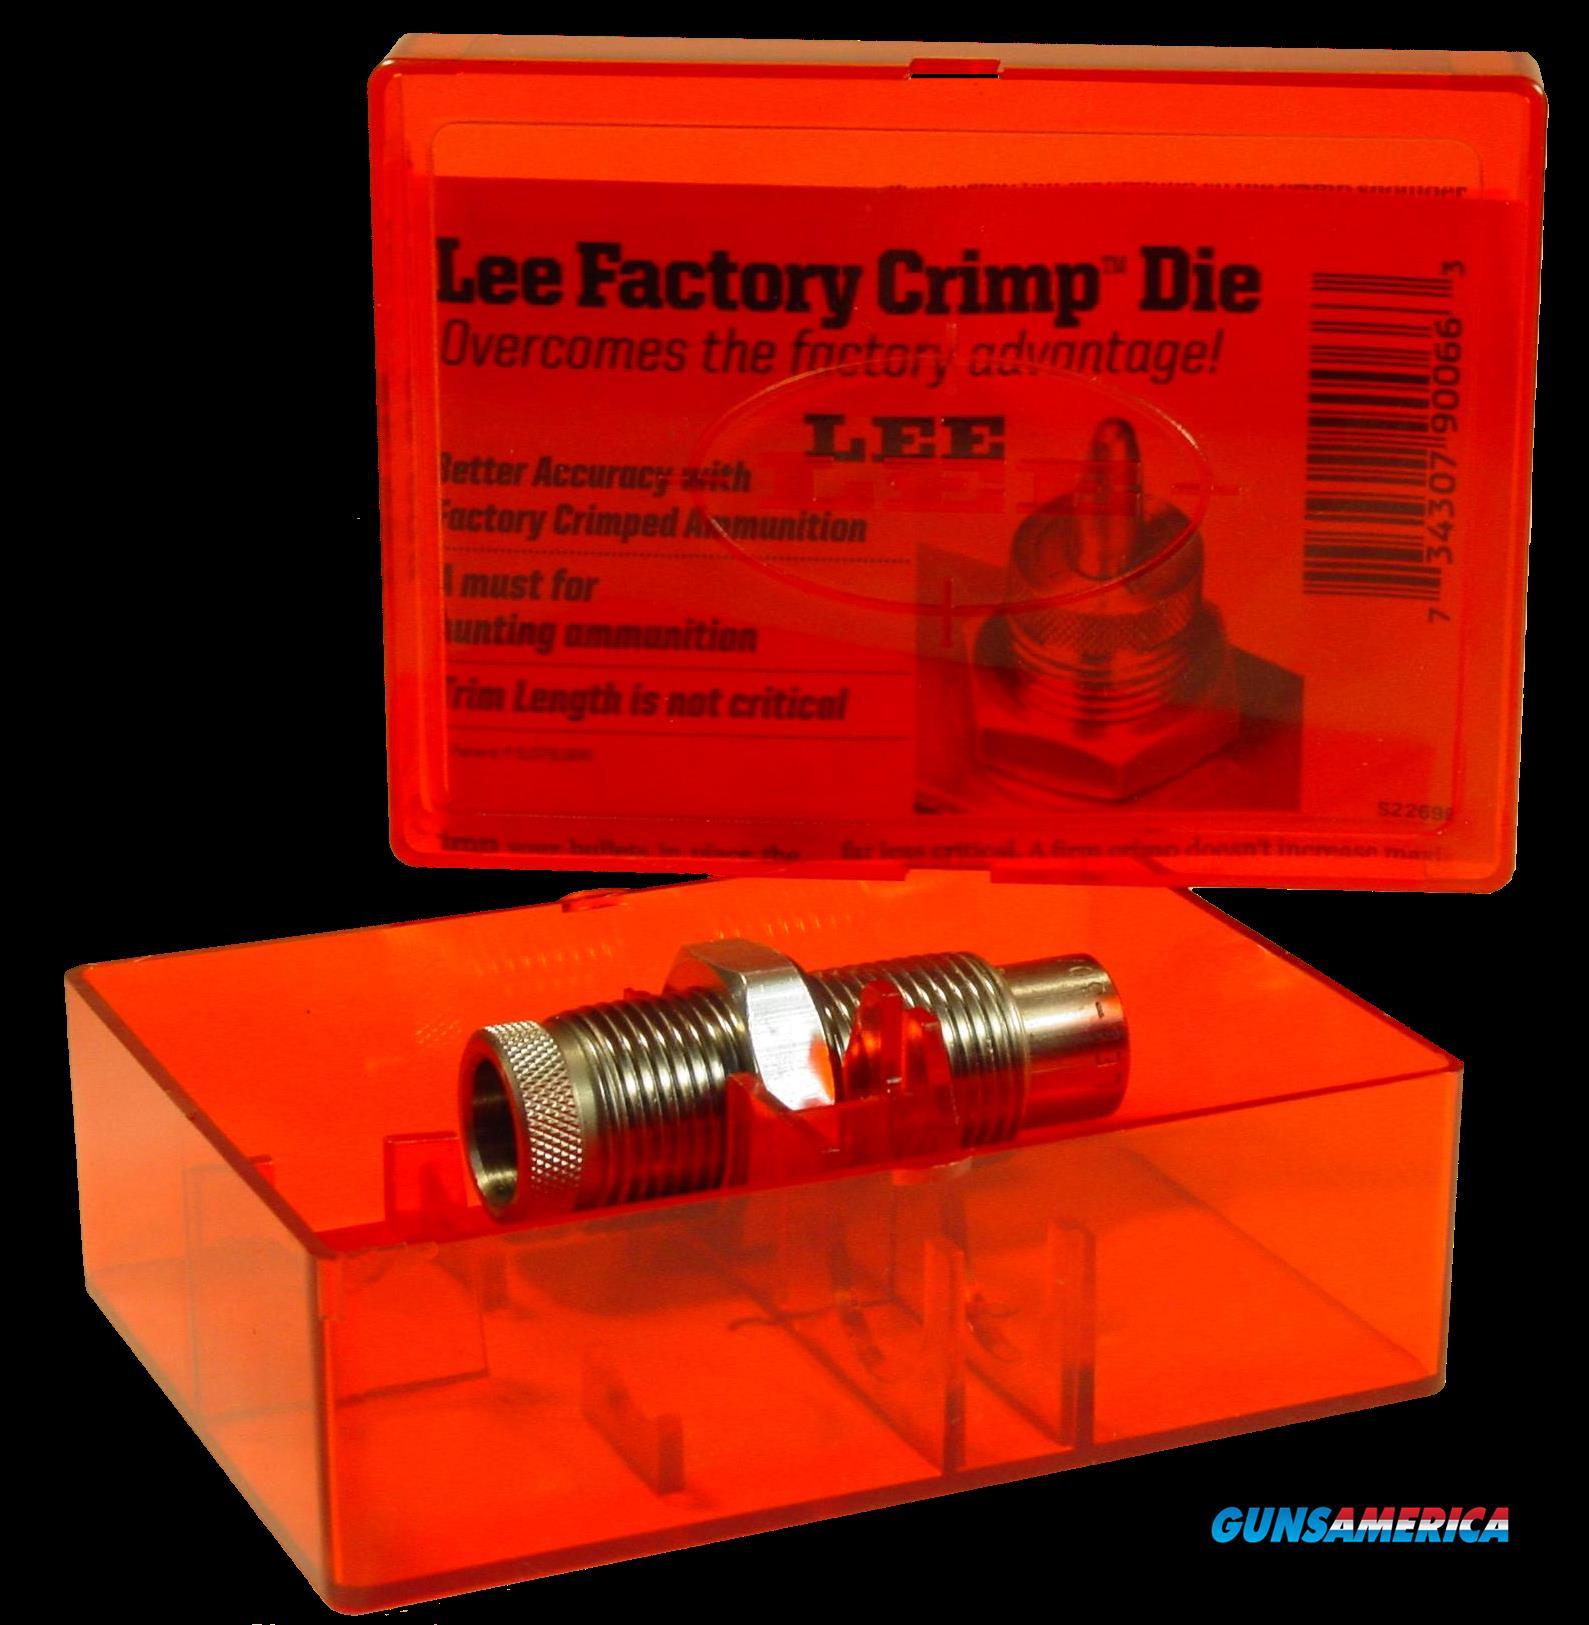 Lee Factory, Lee 90819 Fact Crimp Die 243 Win  Guns > Pistols > 1911 Pistol Copies (non-Colt)